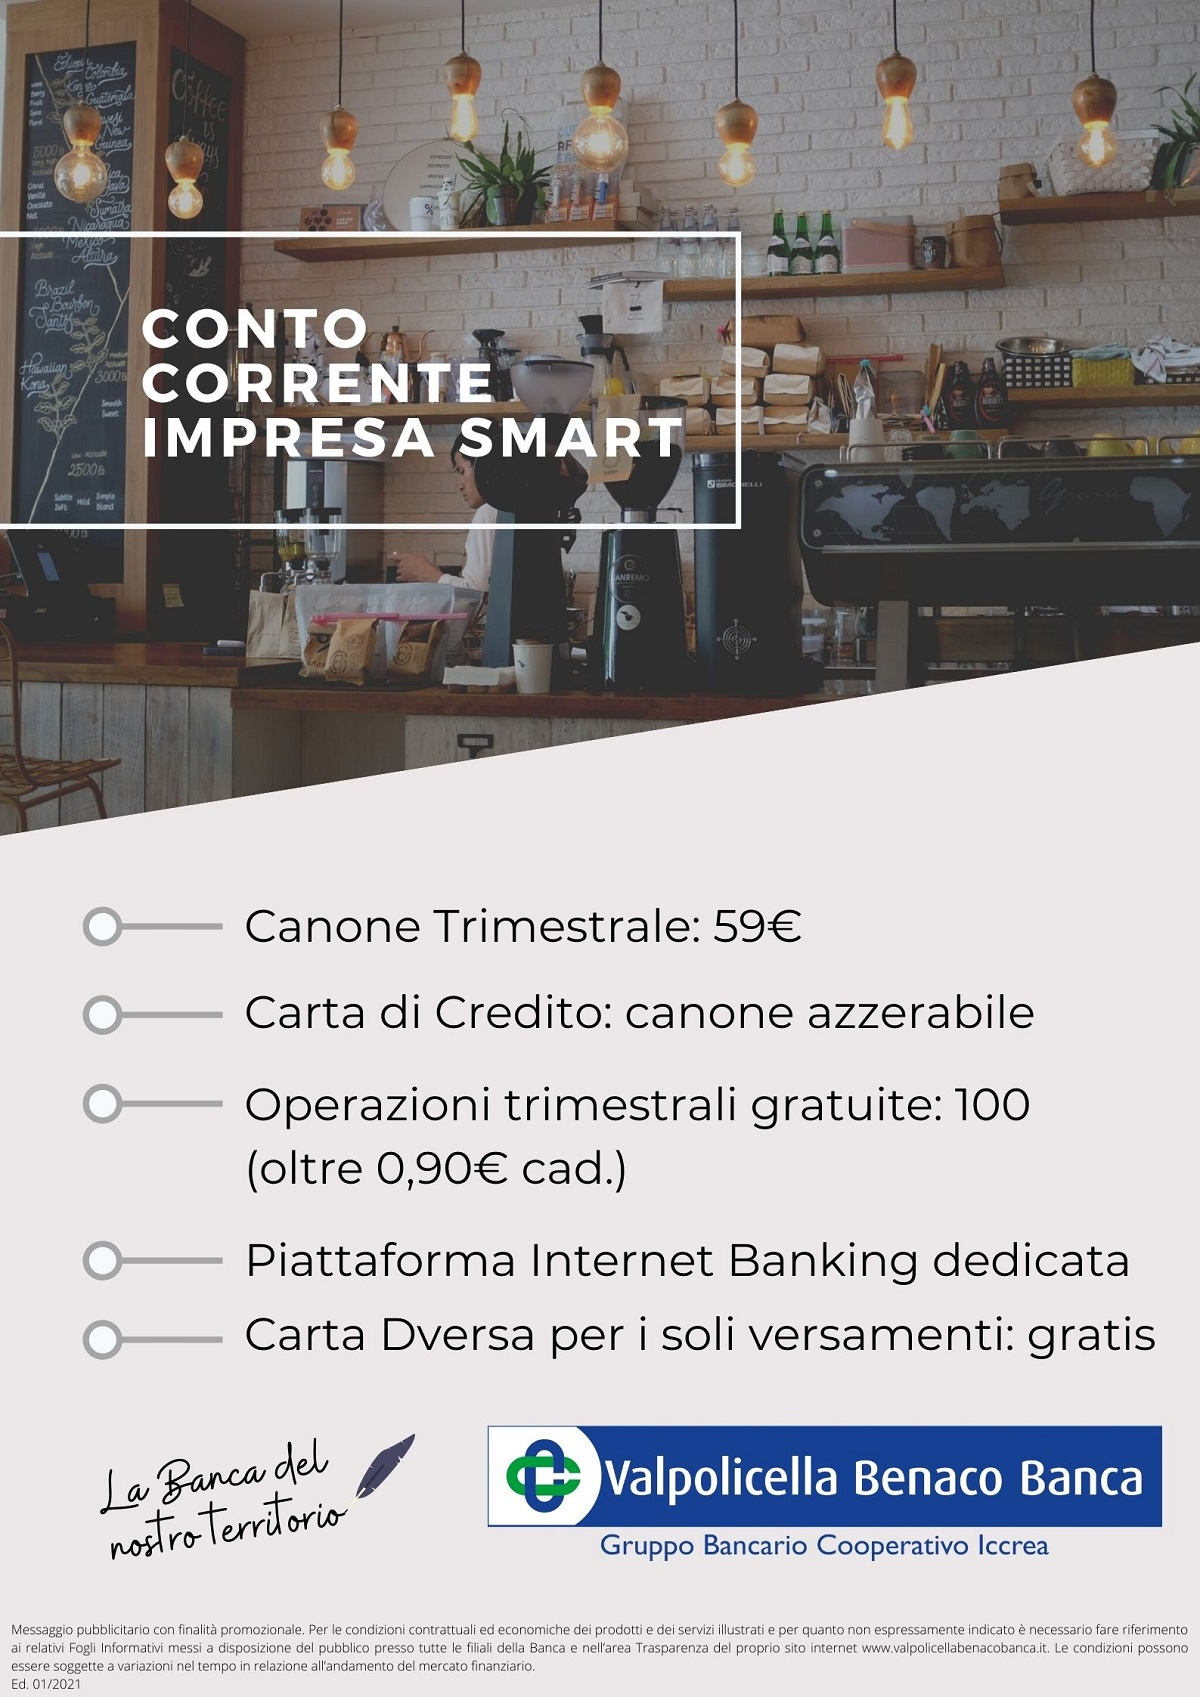 Conto Corrente Impresa Smart 2021